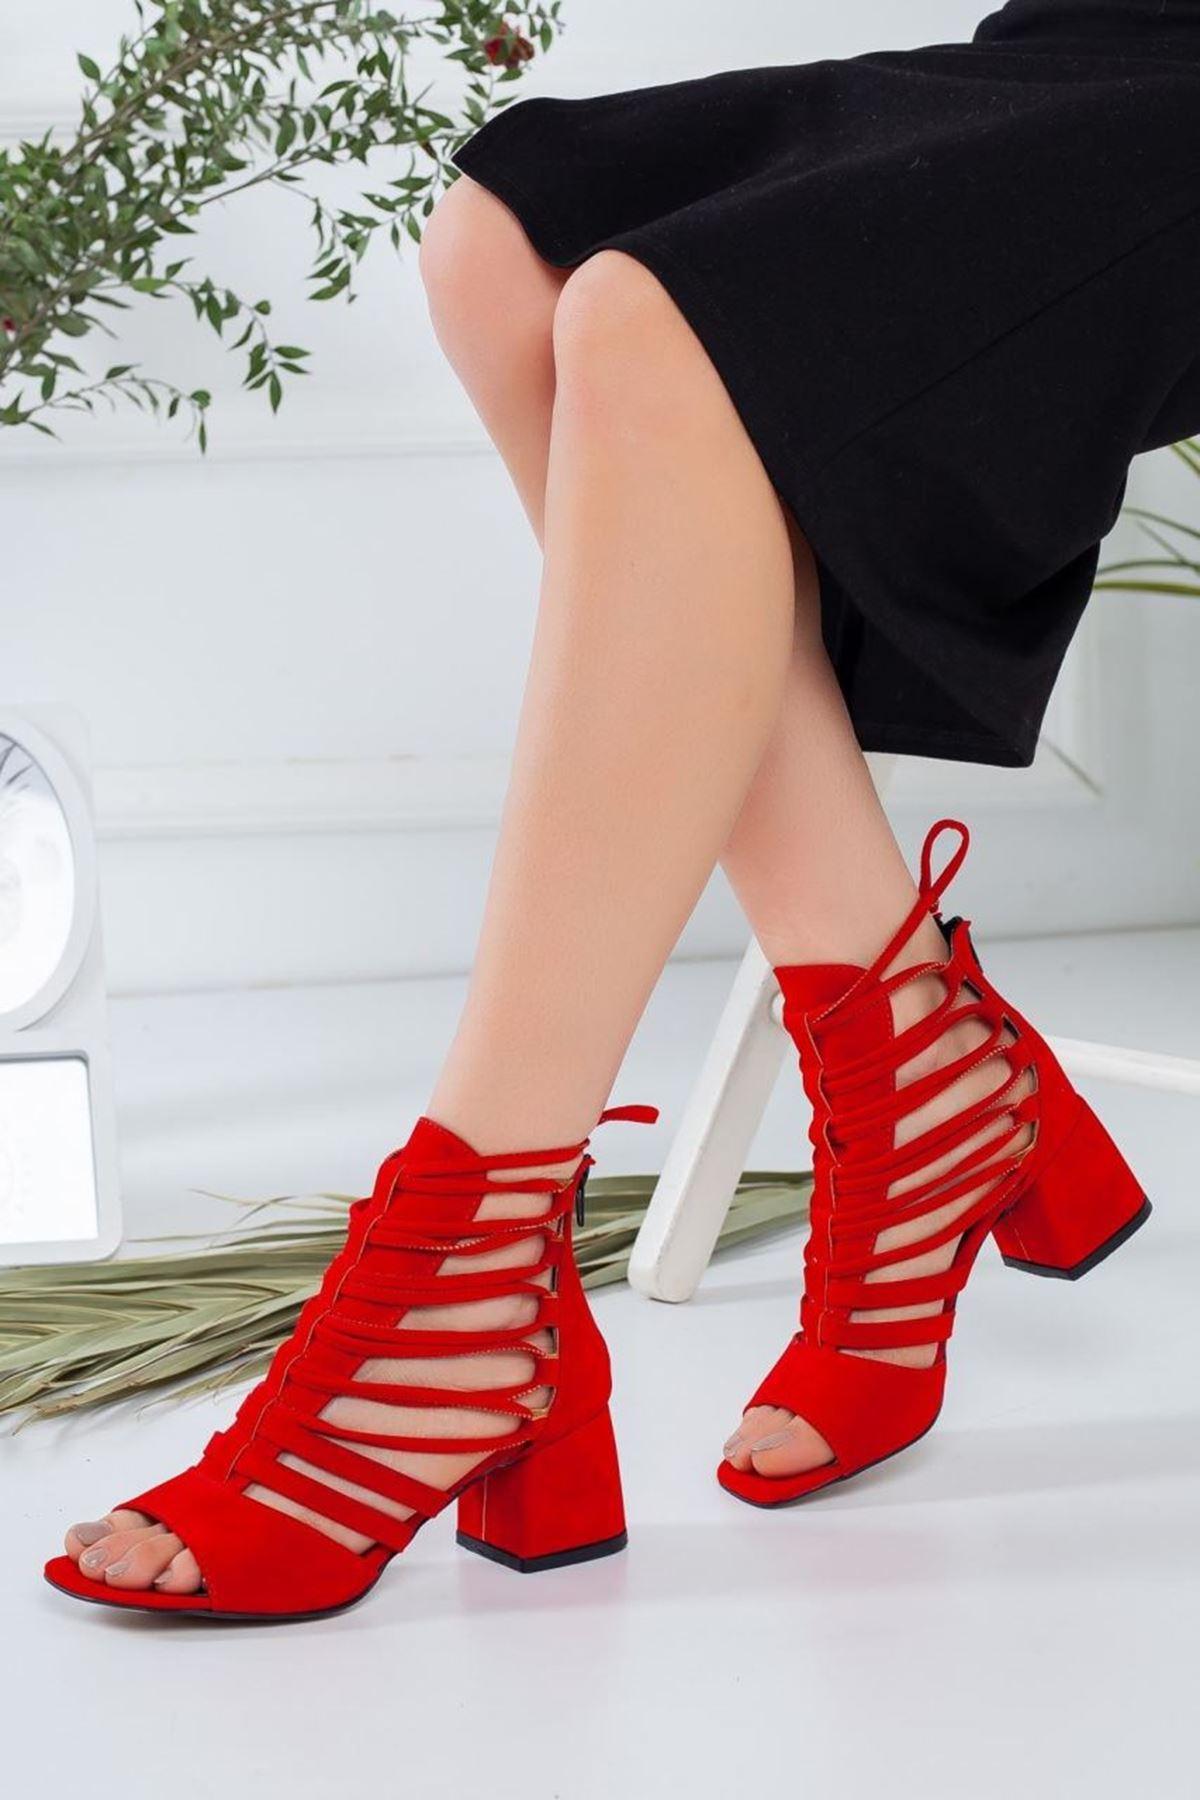 Kadın Ragon Süet Kısa Topuklu Ayakkabı kırmızı